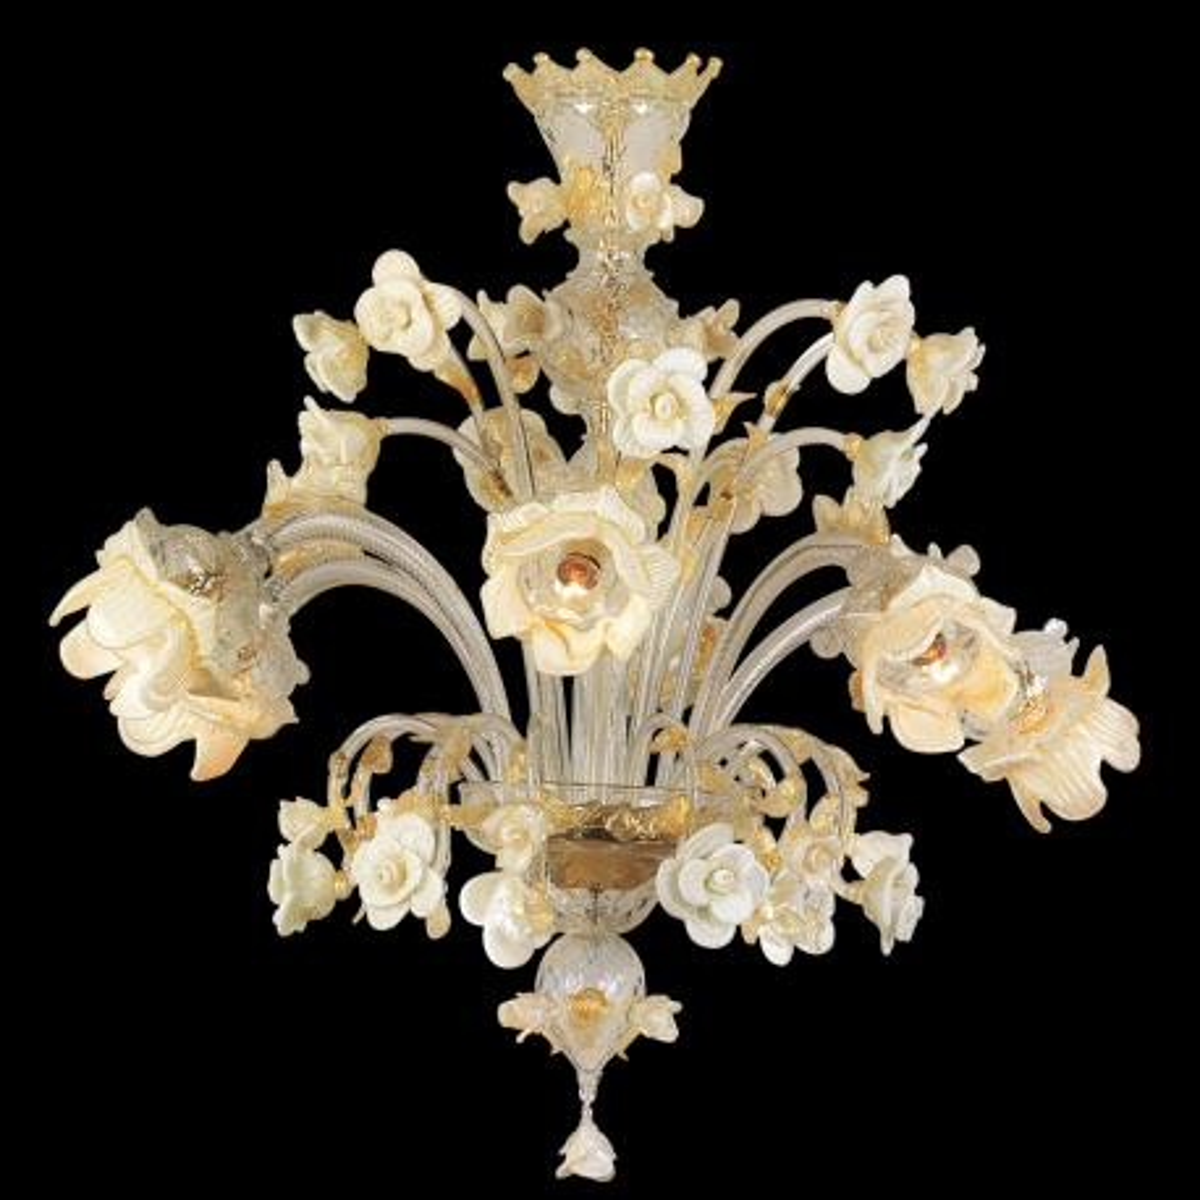 """""""Tallulah"""" lampara de araña de Murano - 6 luces - transparente, blanco y oro"""